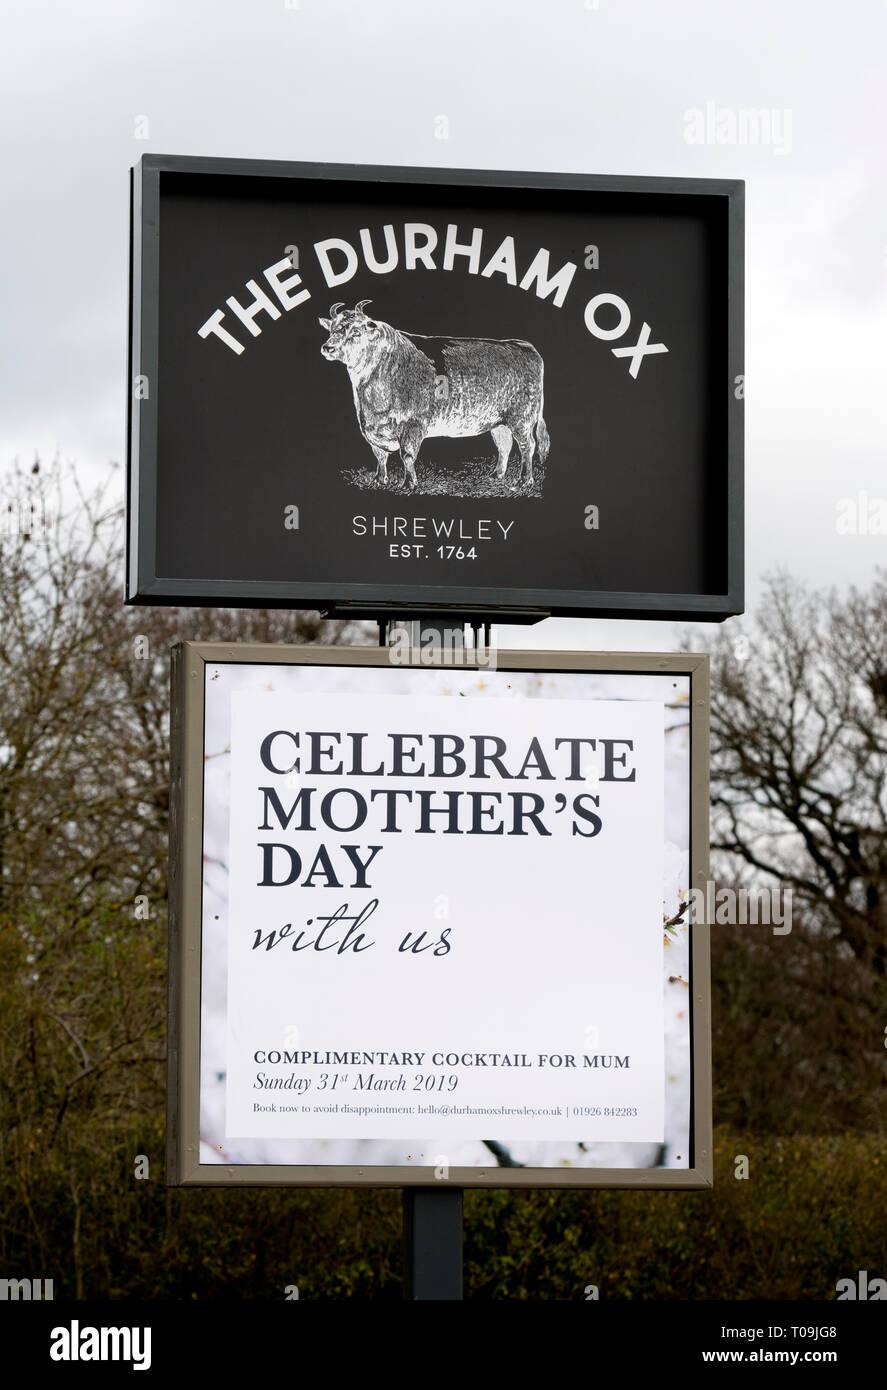 La Durham Ox pub segno, Shrewley, Warwickshire, Inghilterra, Regno Unito Immagini Stock